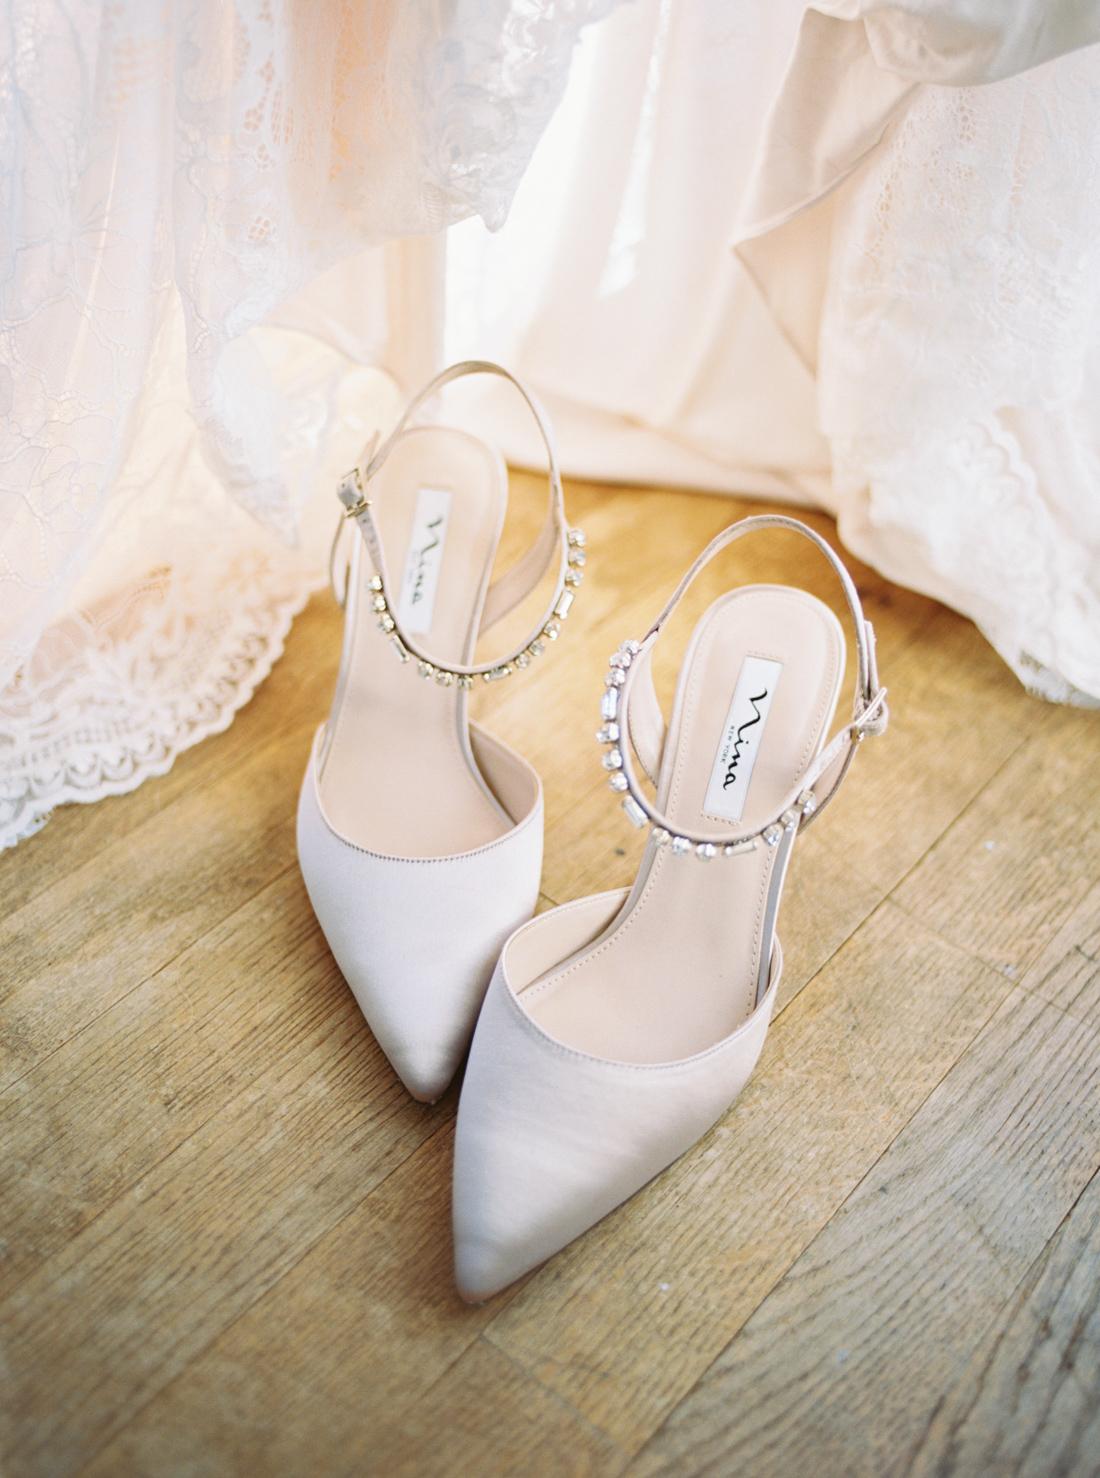 Nina-shoes-nude-wedding-heels